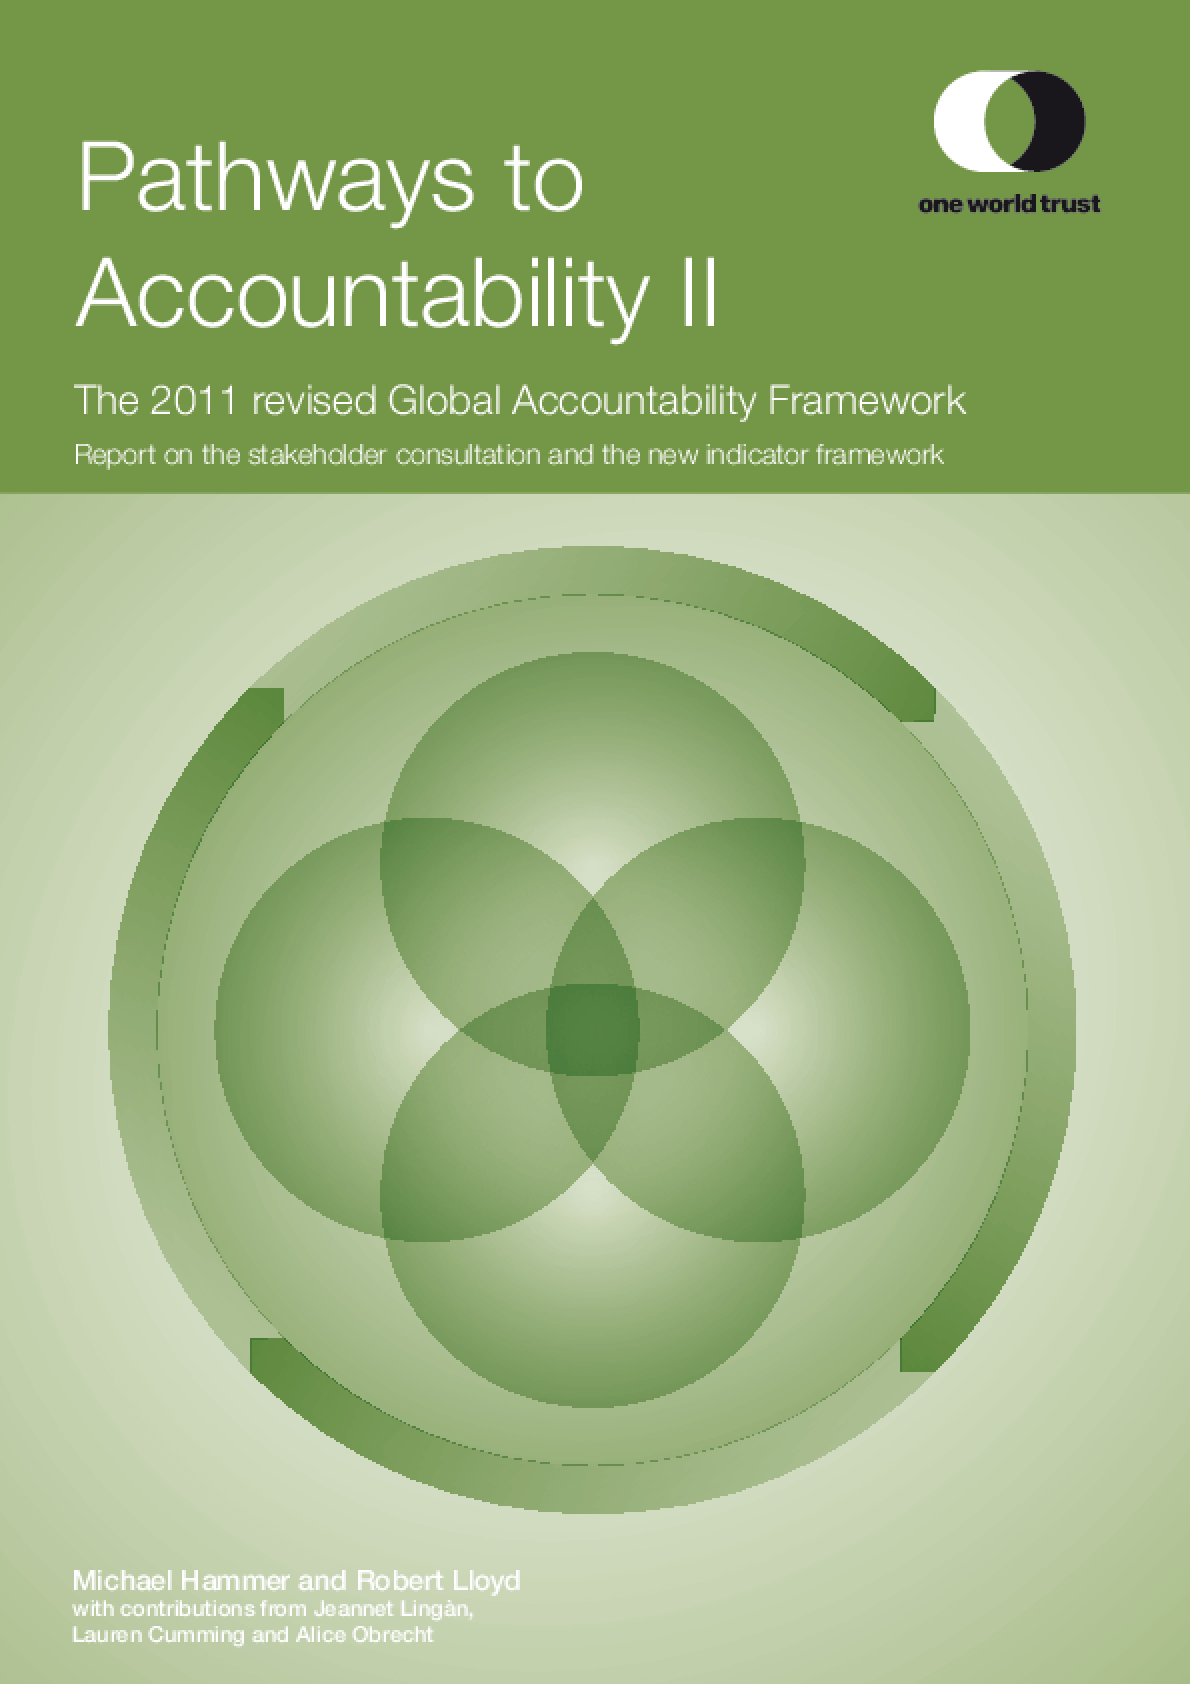 Pathways to Accountability II